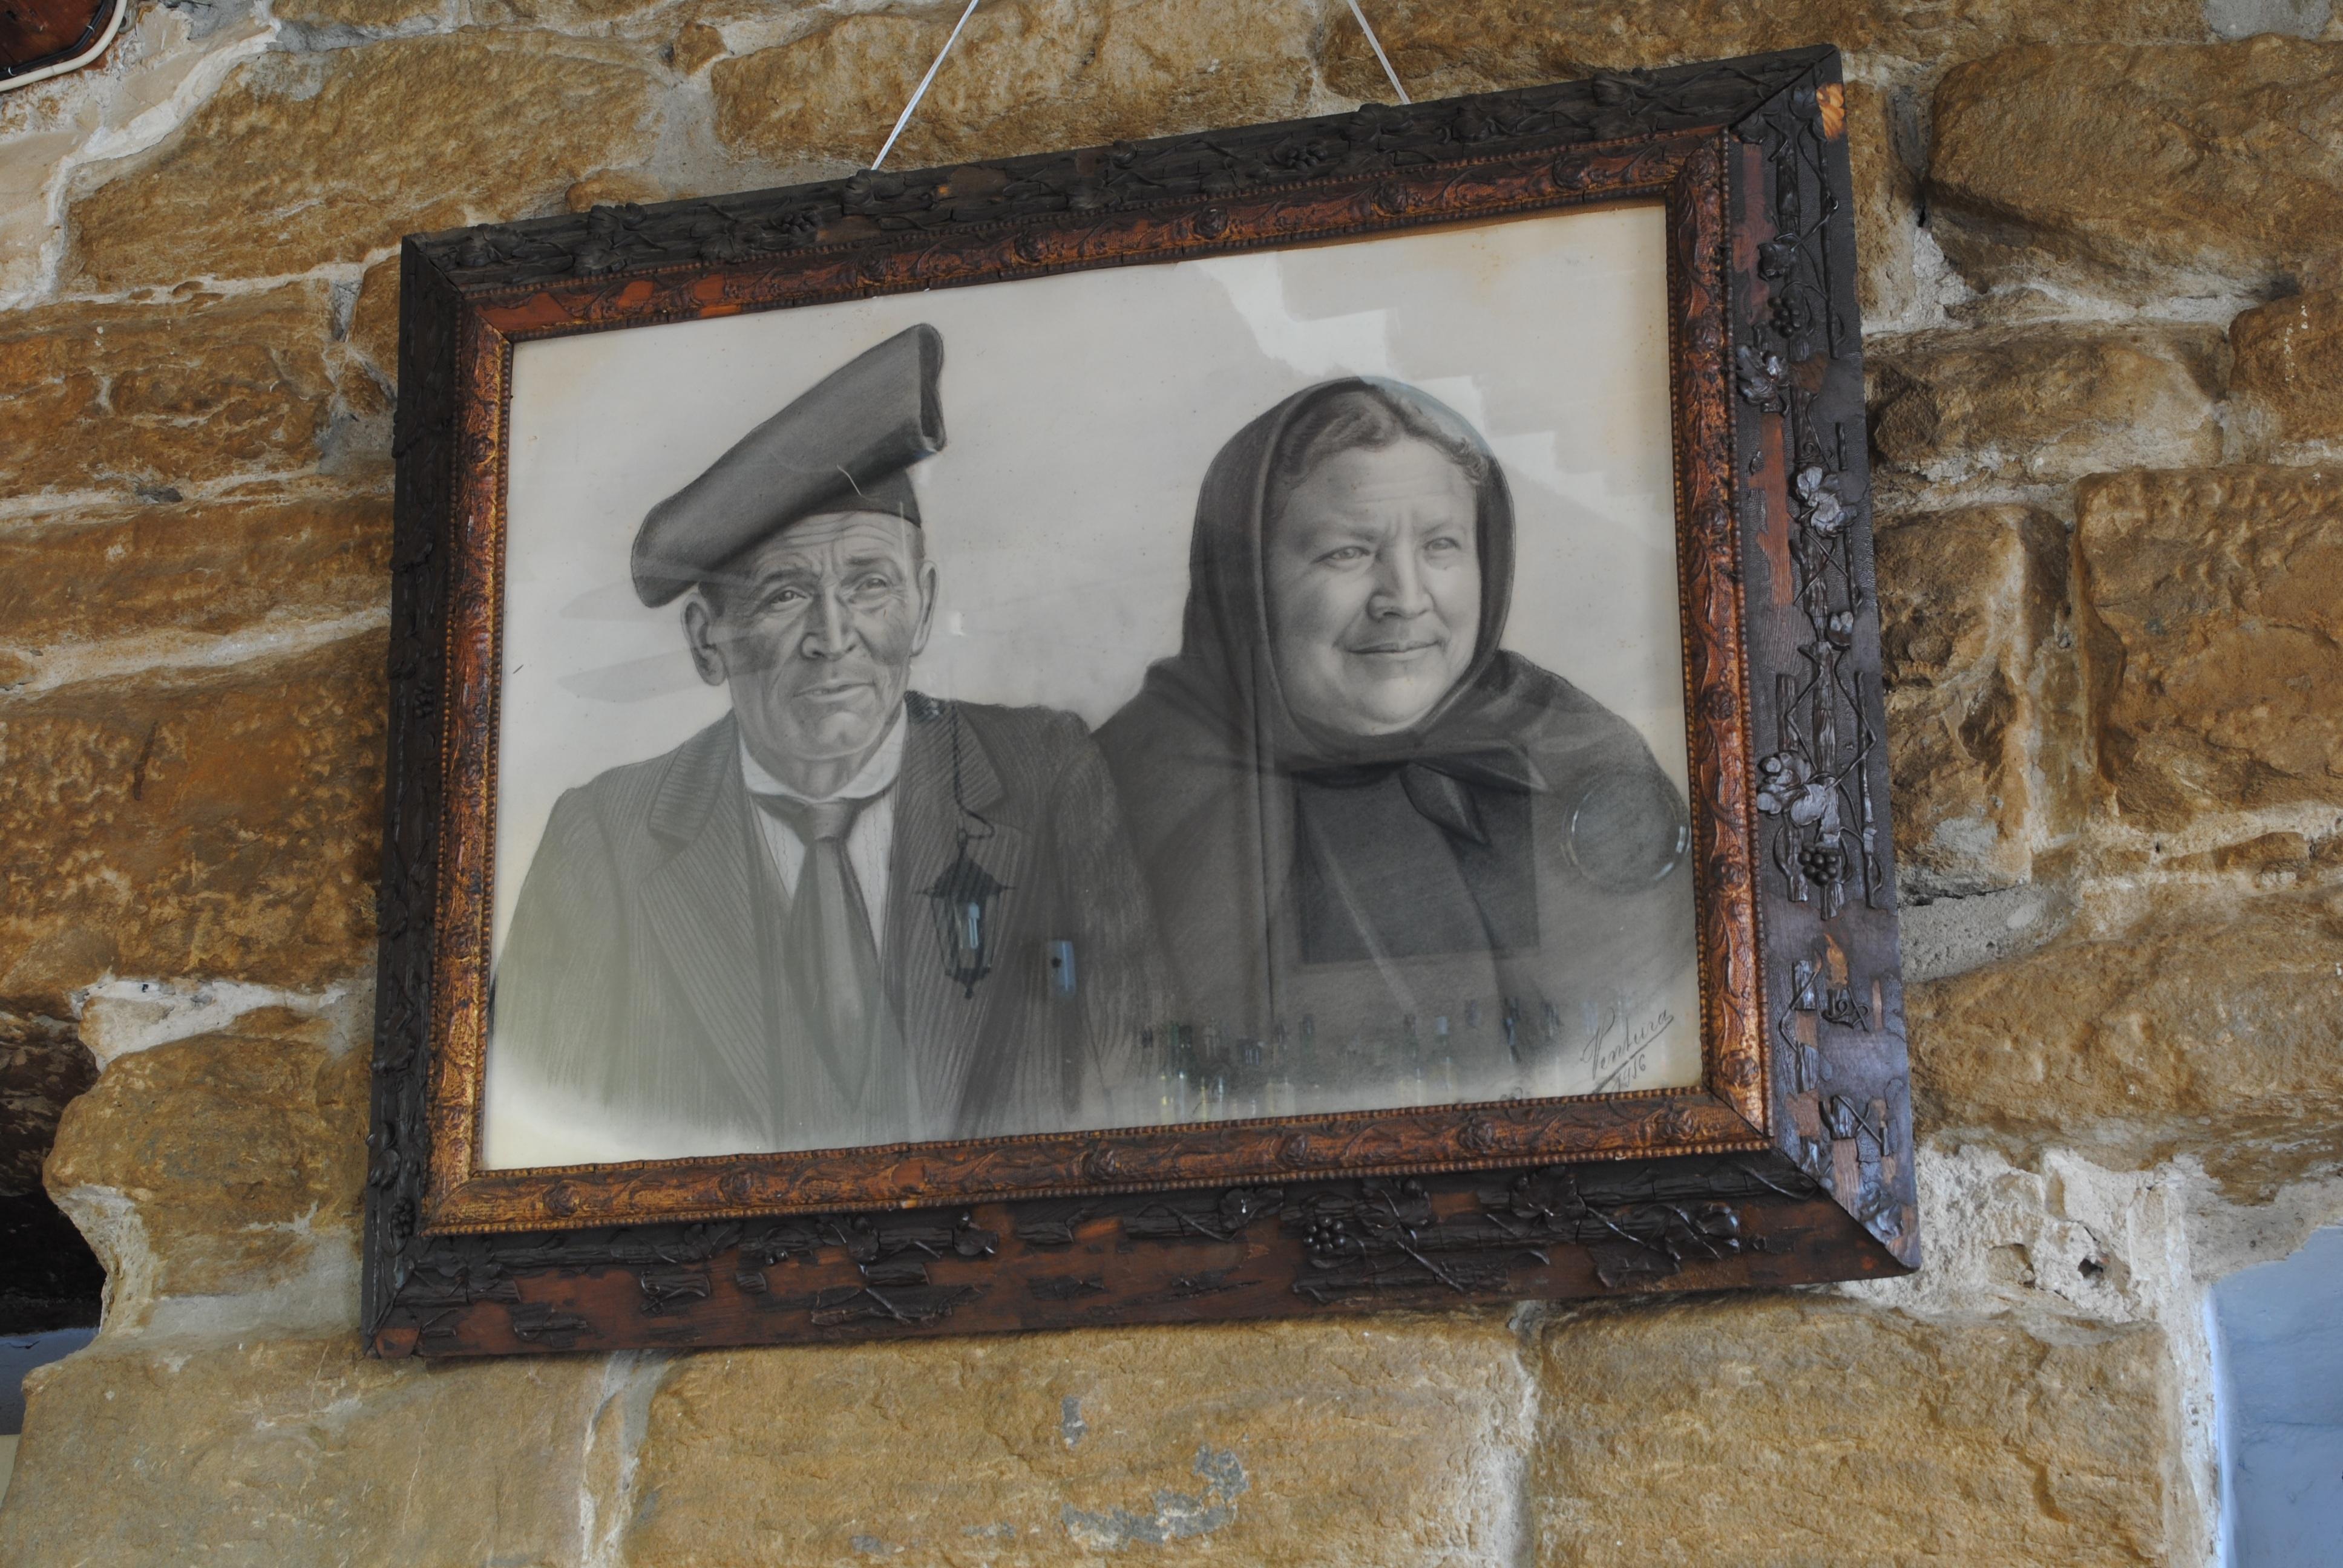 Kostenlose foto : Menschen, Fenster, alt, Mauer, Porträt, Malerei ...